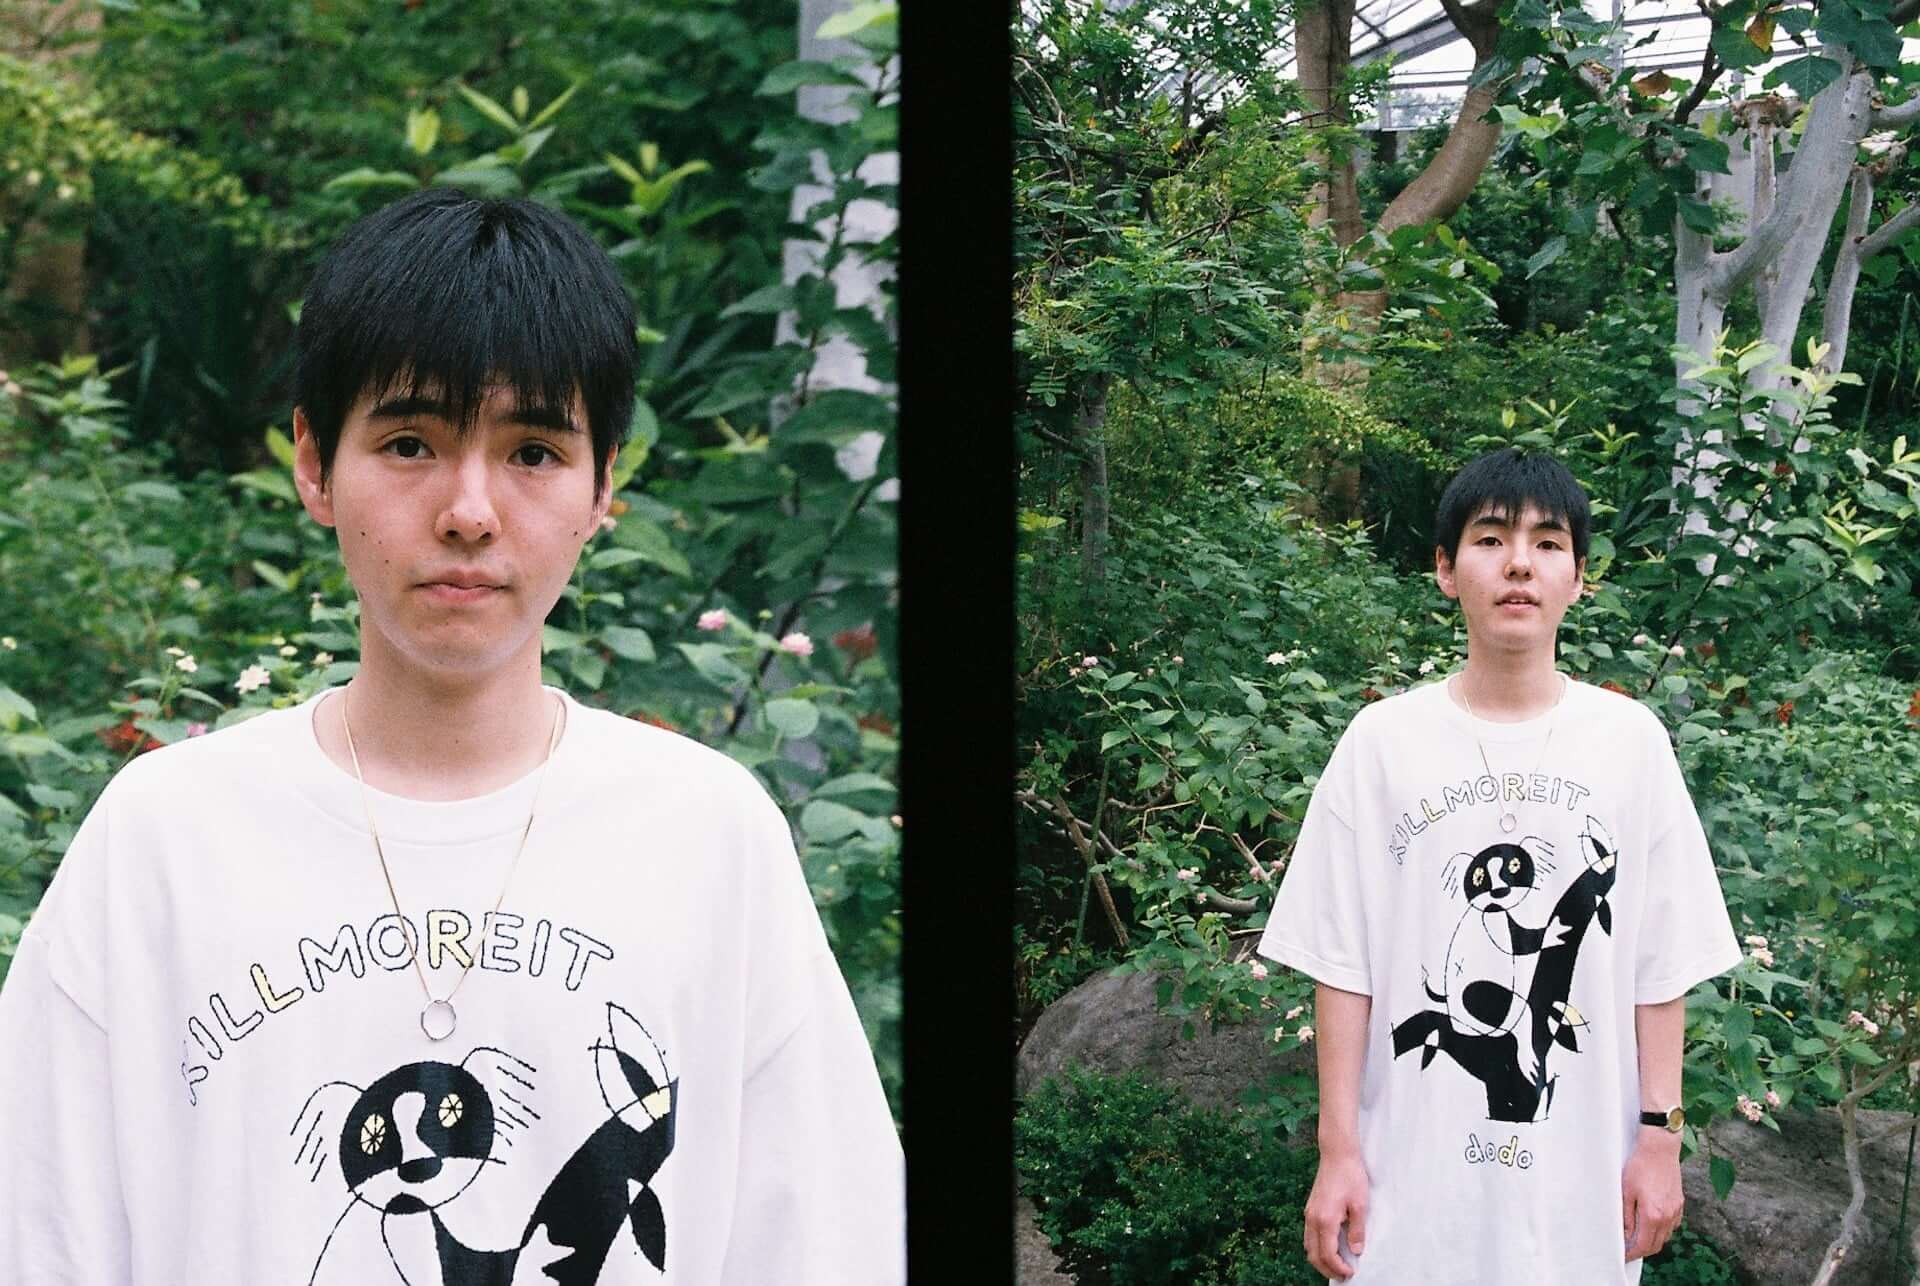 フジロック3日目に出演|新鋭ラッパー・dodo x Ryu OkuboによるコラボTシャツが本日から予約開始 lifefashion190726dodo_11-1920x1286